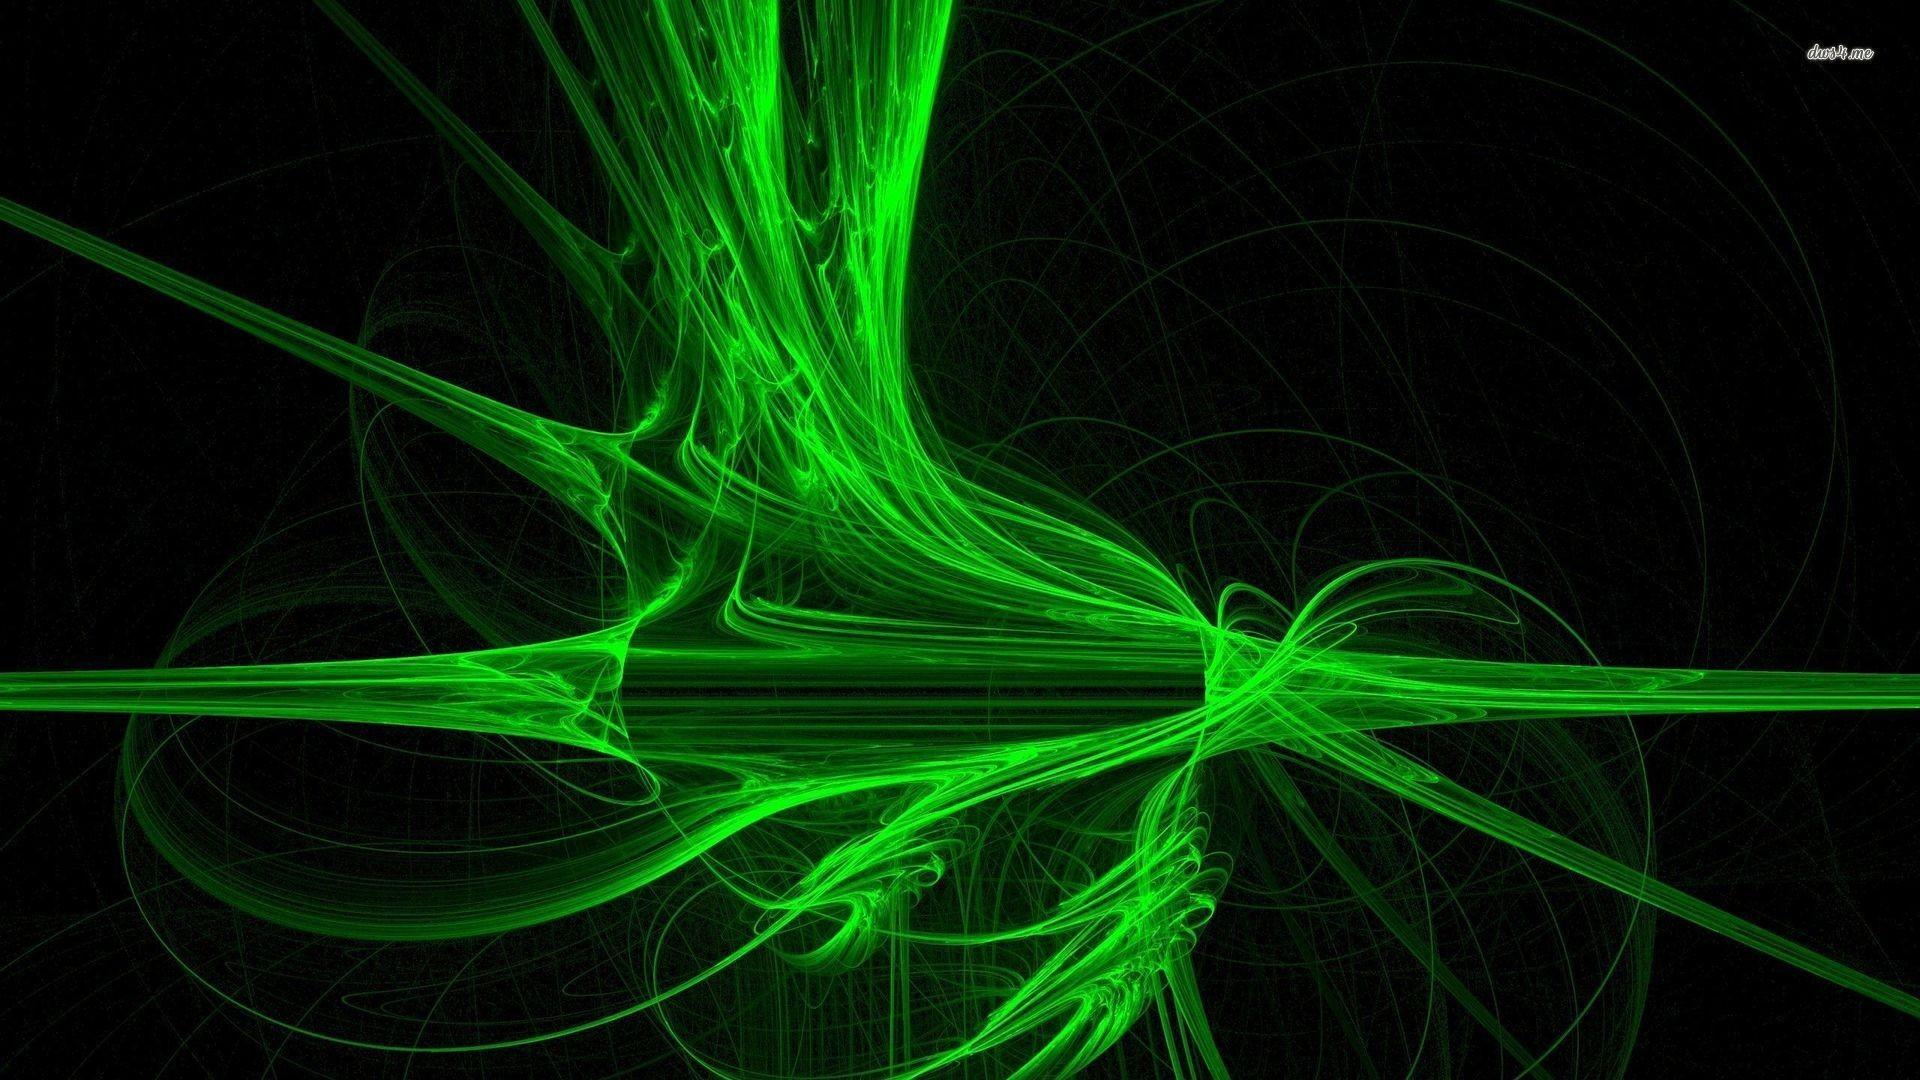 Neon Green Wallpapers